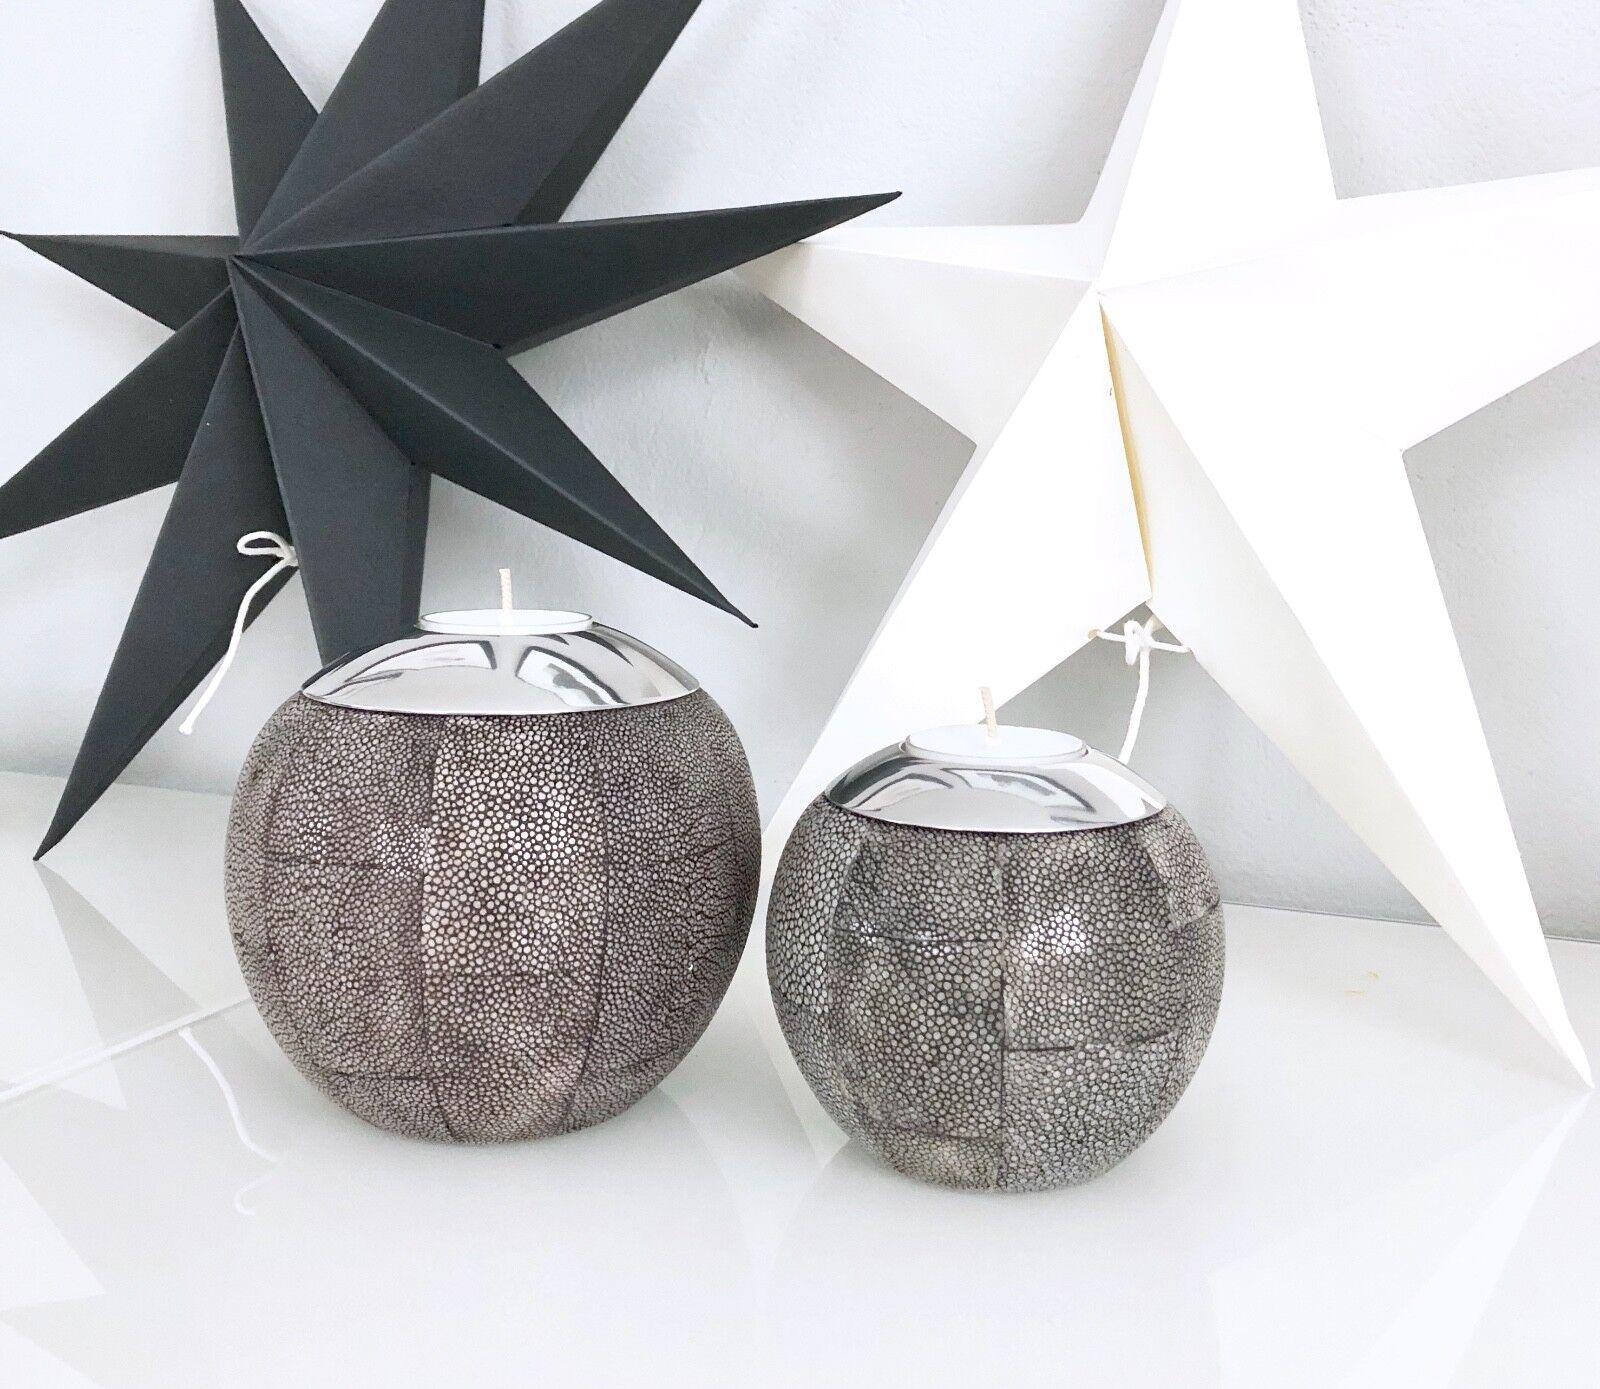 Top Amaris Elements Teelichthalter Rochen Leder braun braun braun grau LB16